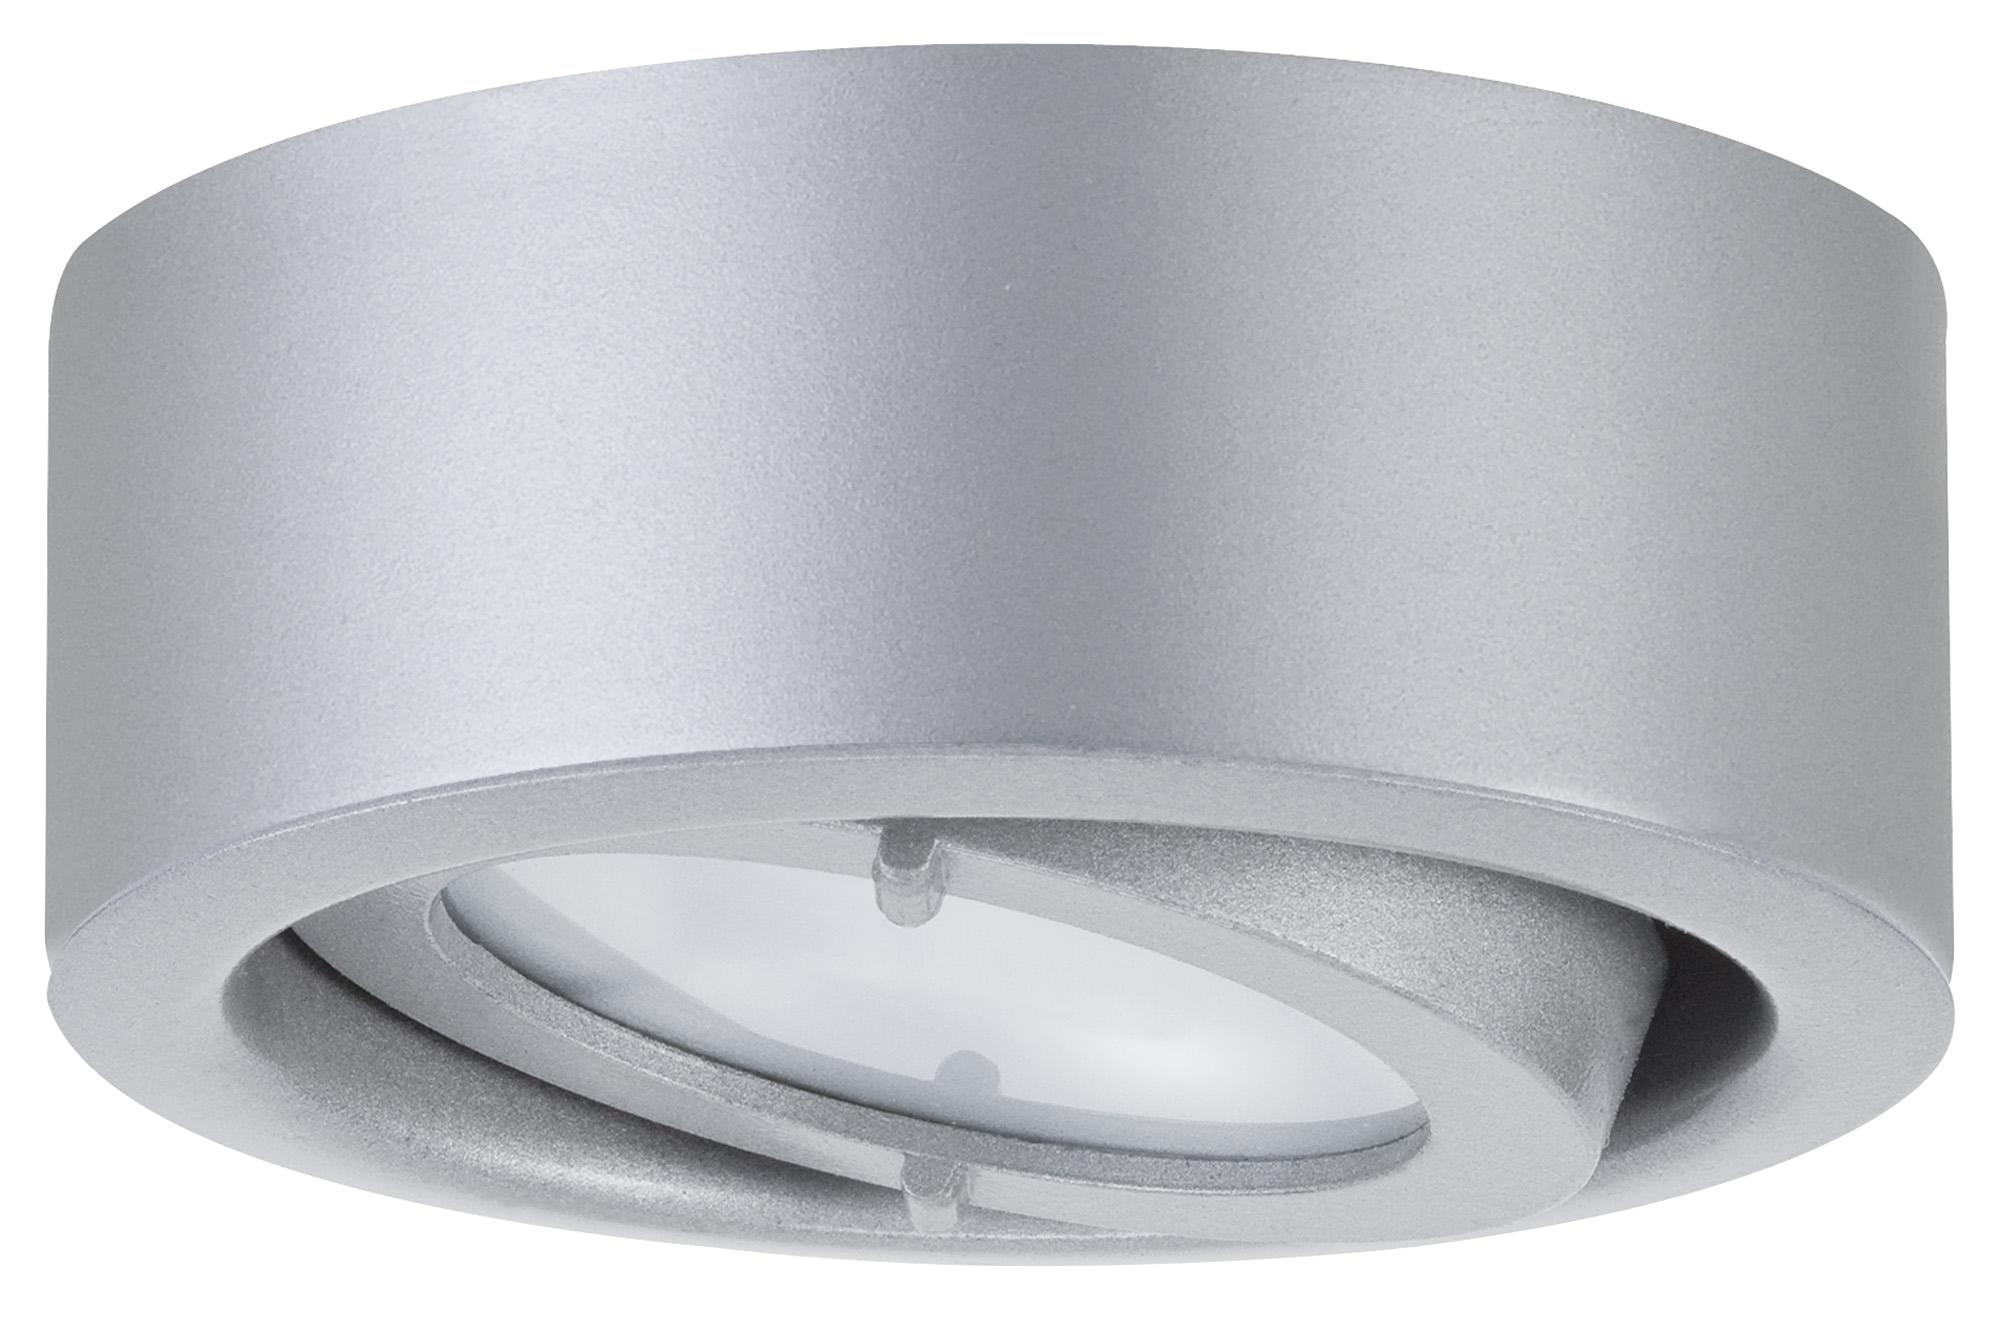 Paulmann. 93513 Светильник мебельный накладной, max.20W G4 хром матовый